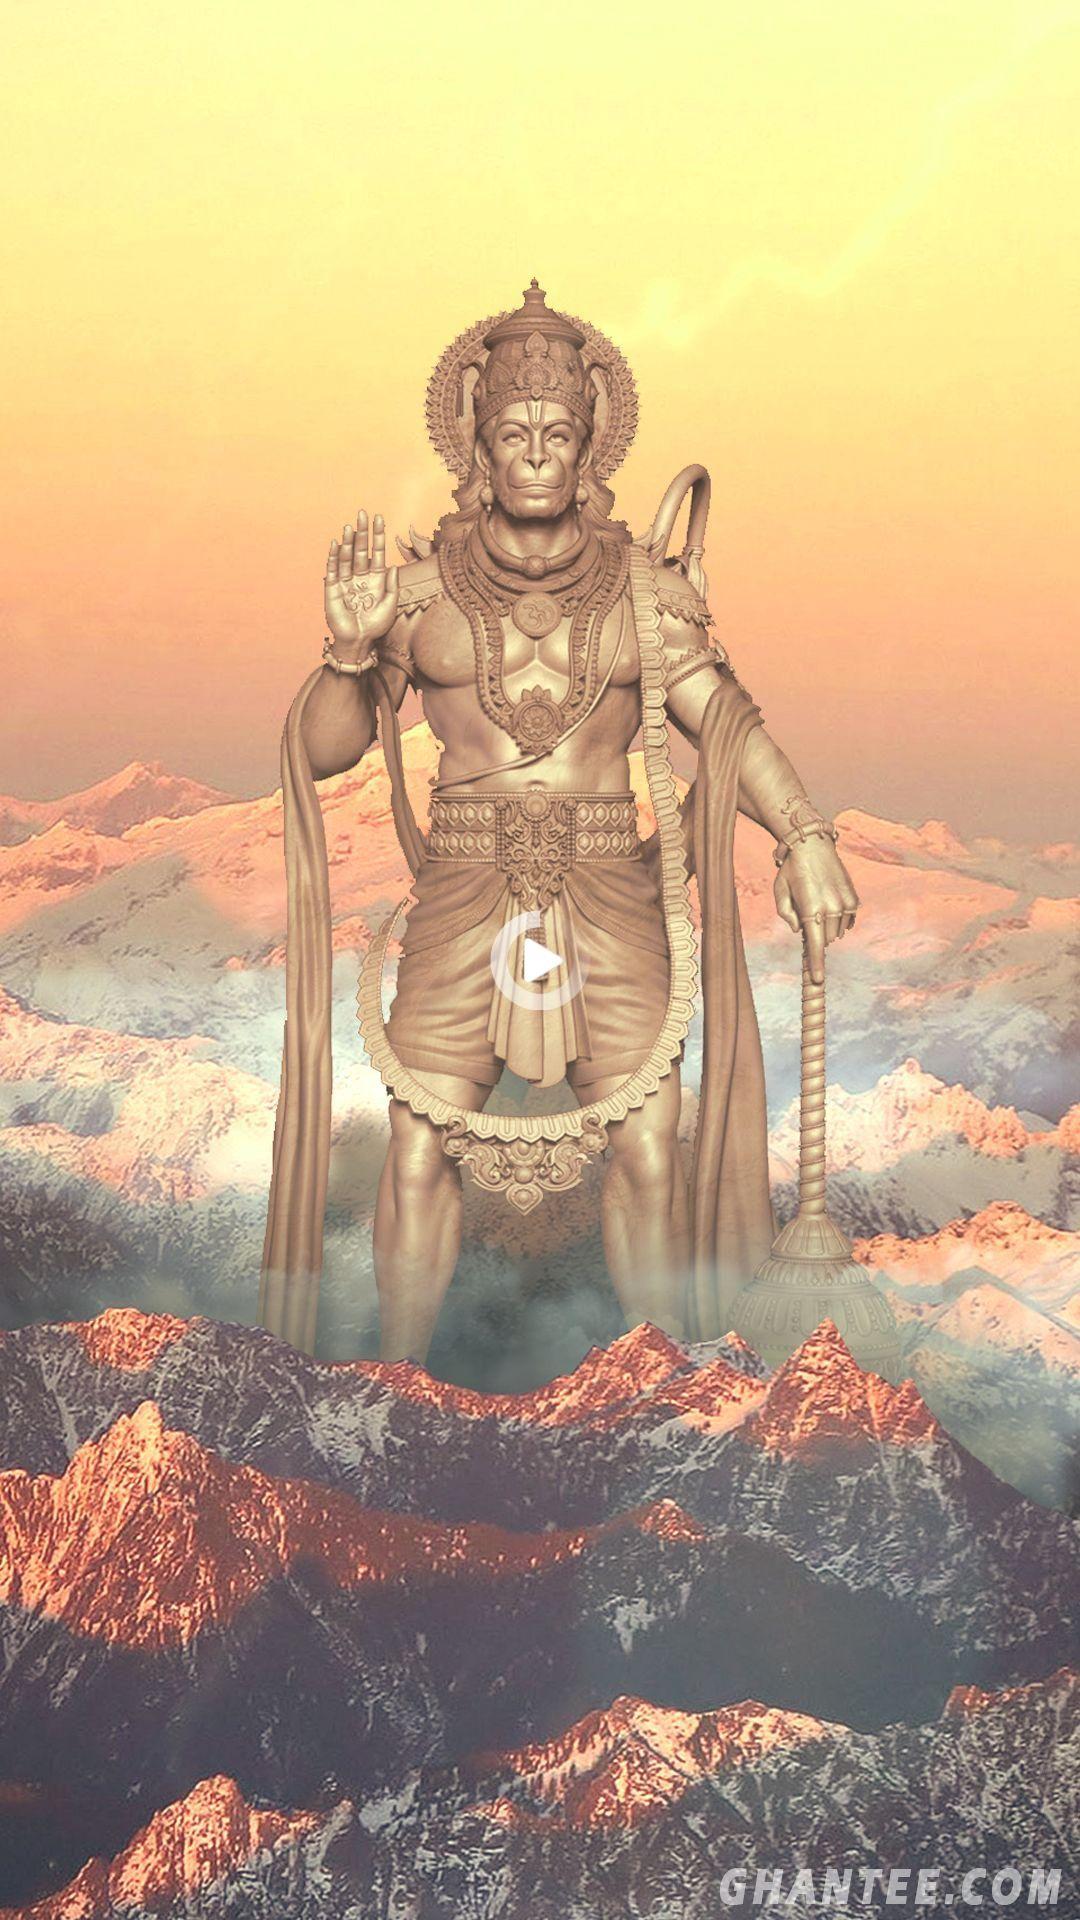 Redirecting In 2021 Hanuman Hd Wallpaper Lord Hanuman Wallpapers Hanuman Ji Wallpapers 1080p full hd full screen lord hanuman